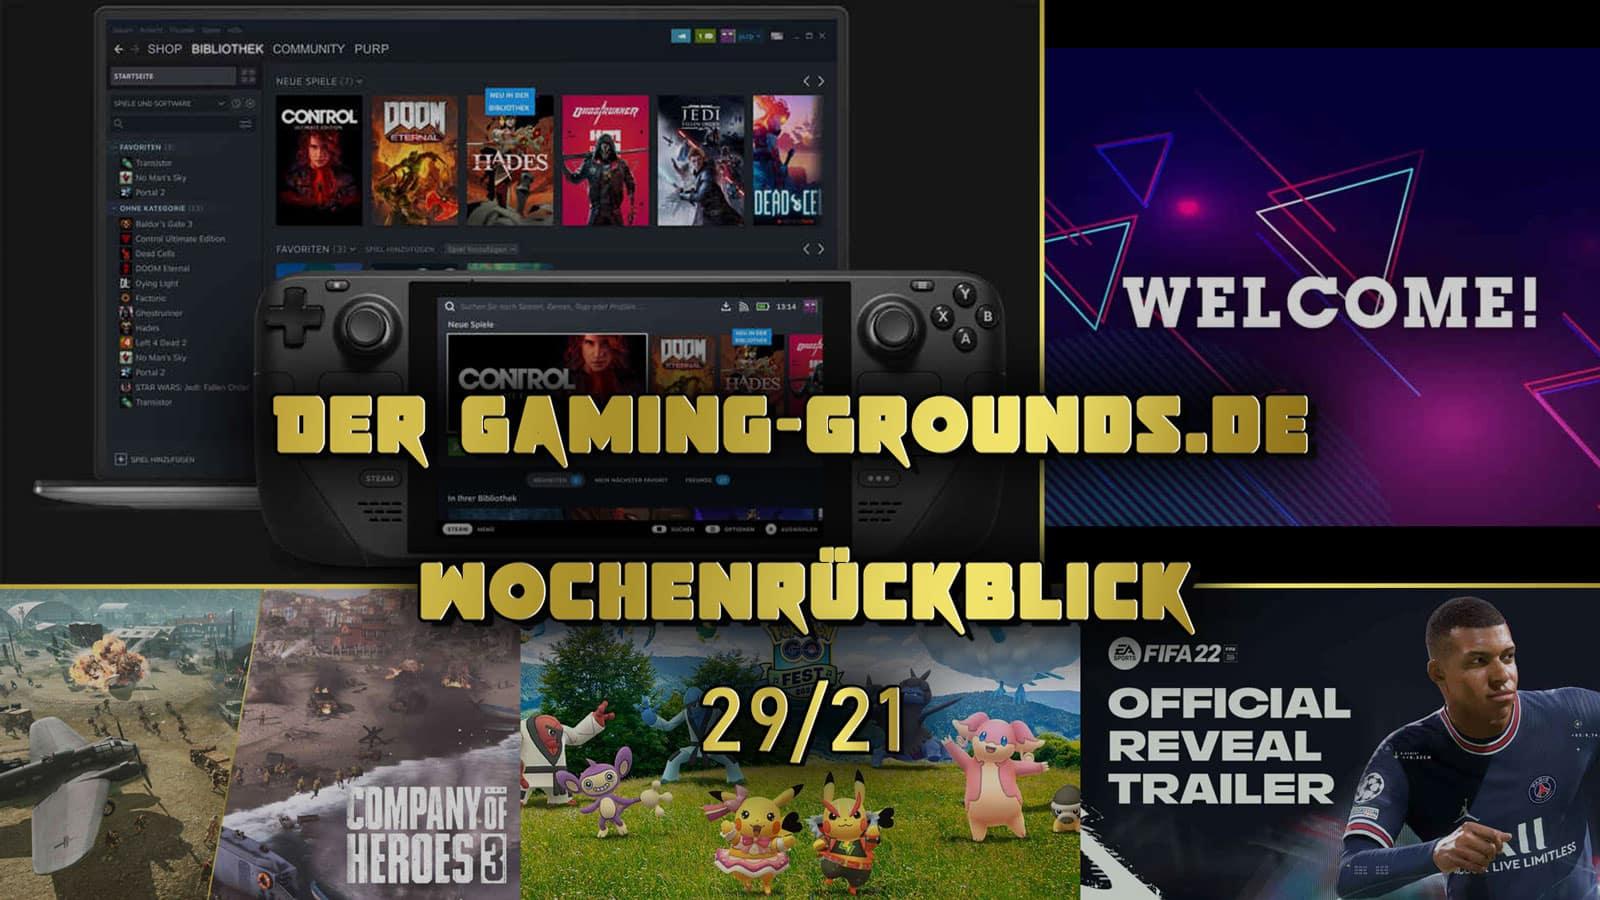 Die Woche 29/21: Steam Deck, FIFA 22, CoH 3 und mehr   gaming-grounds.de